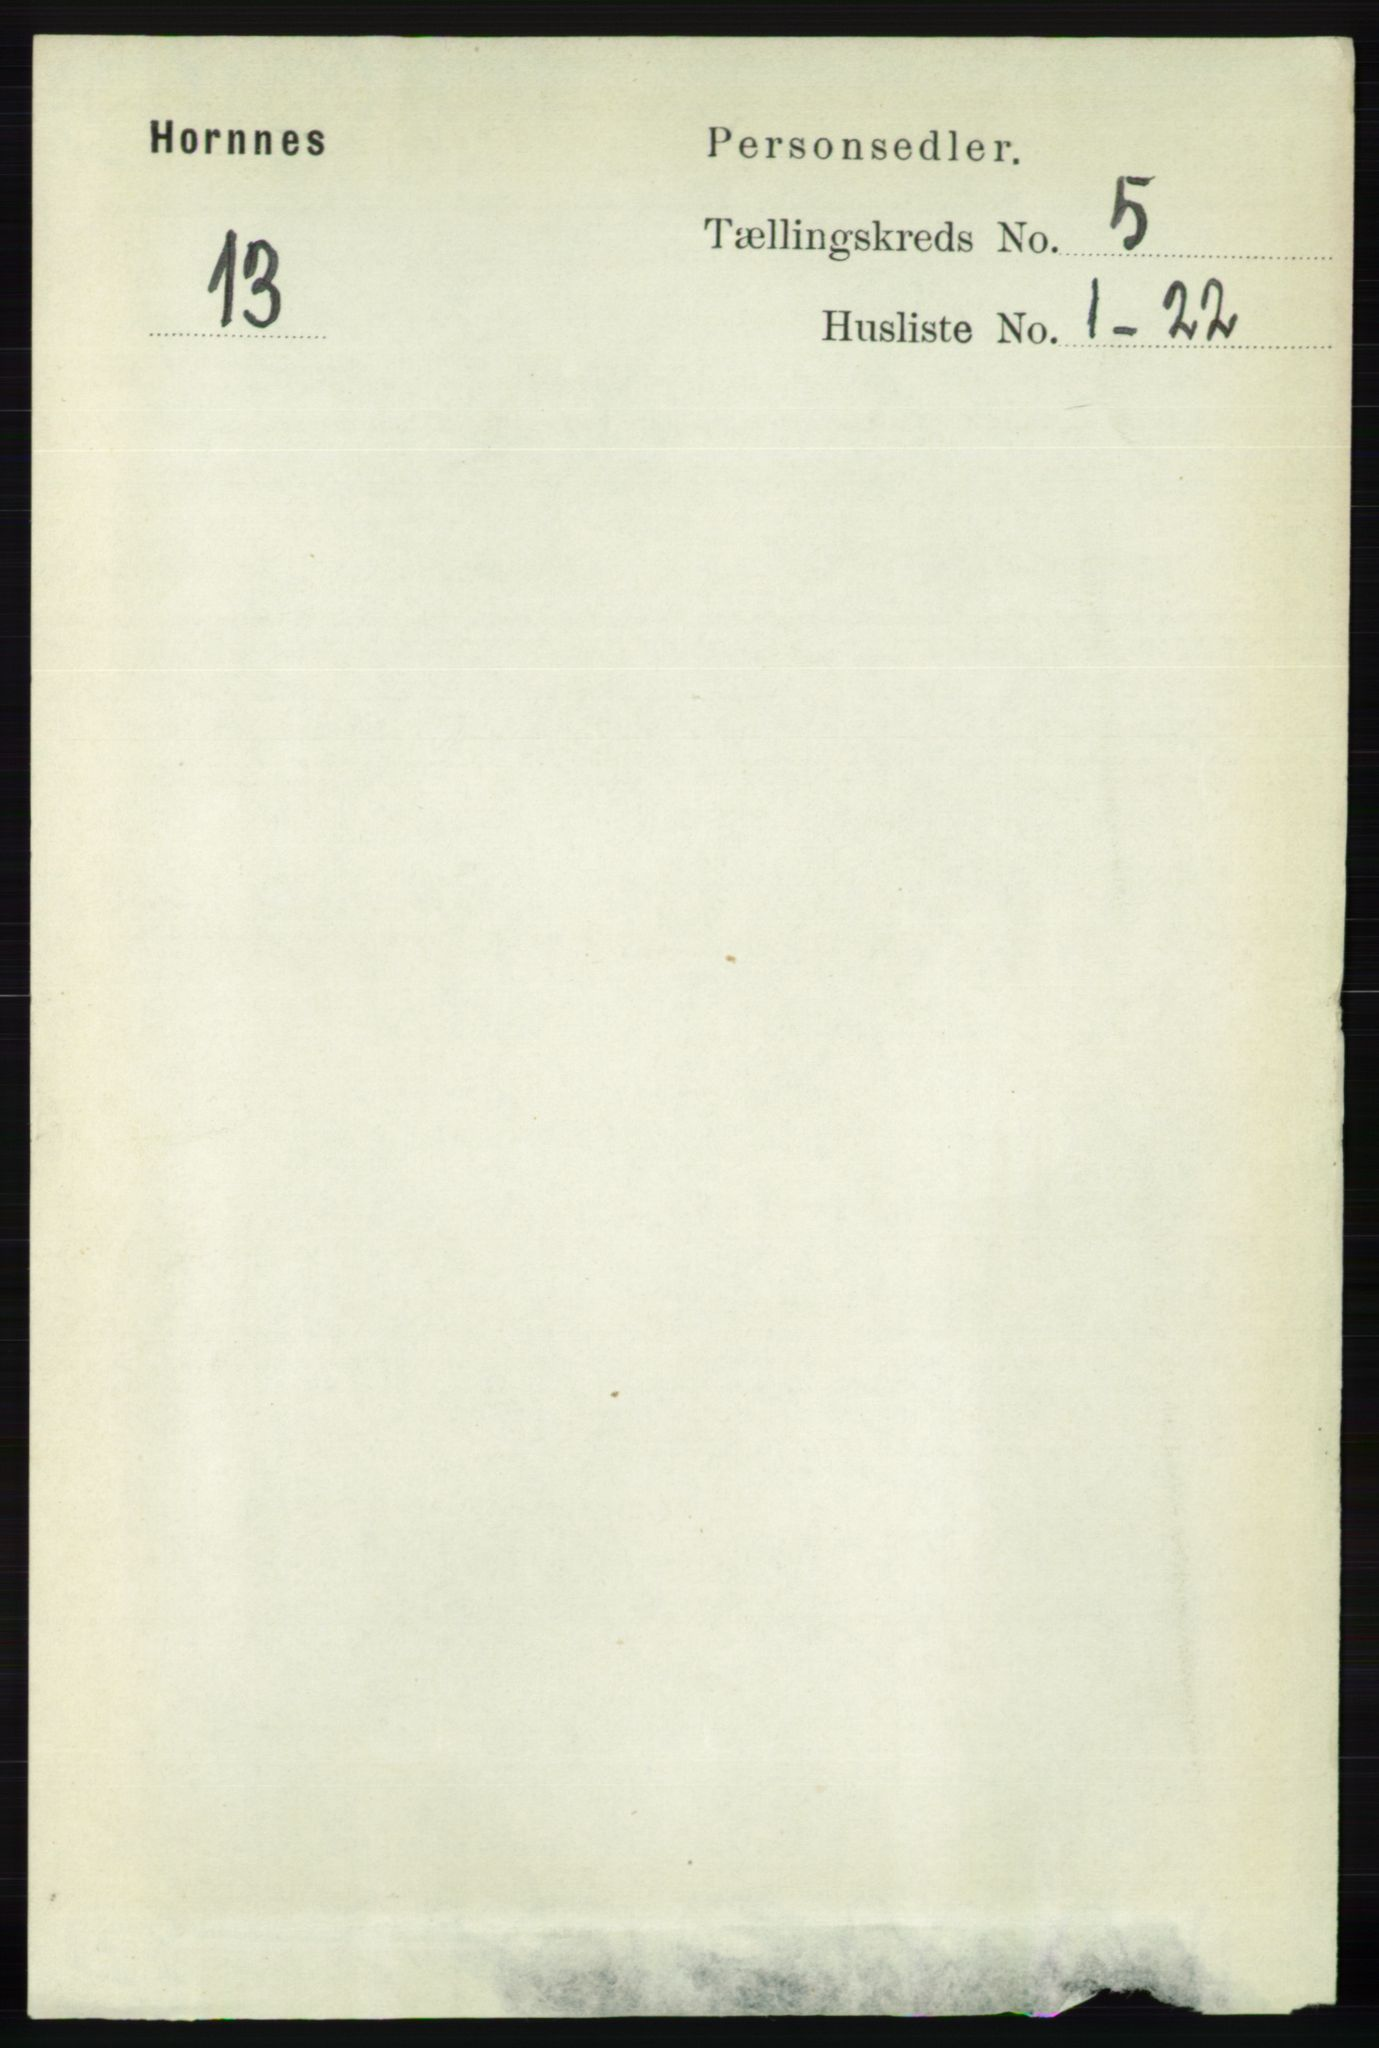 RA, Folketelling 1891 for 0936 Hornnes herred, 1891, s. 1347